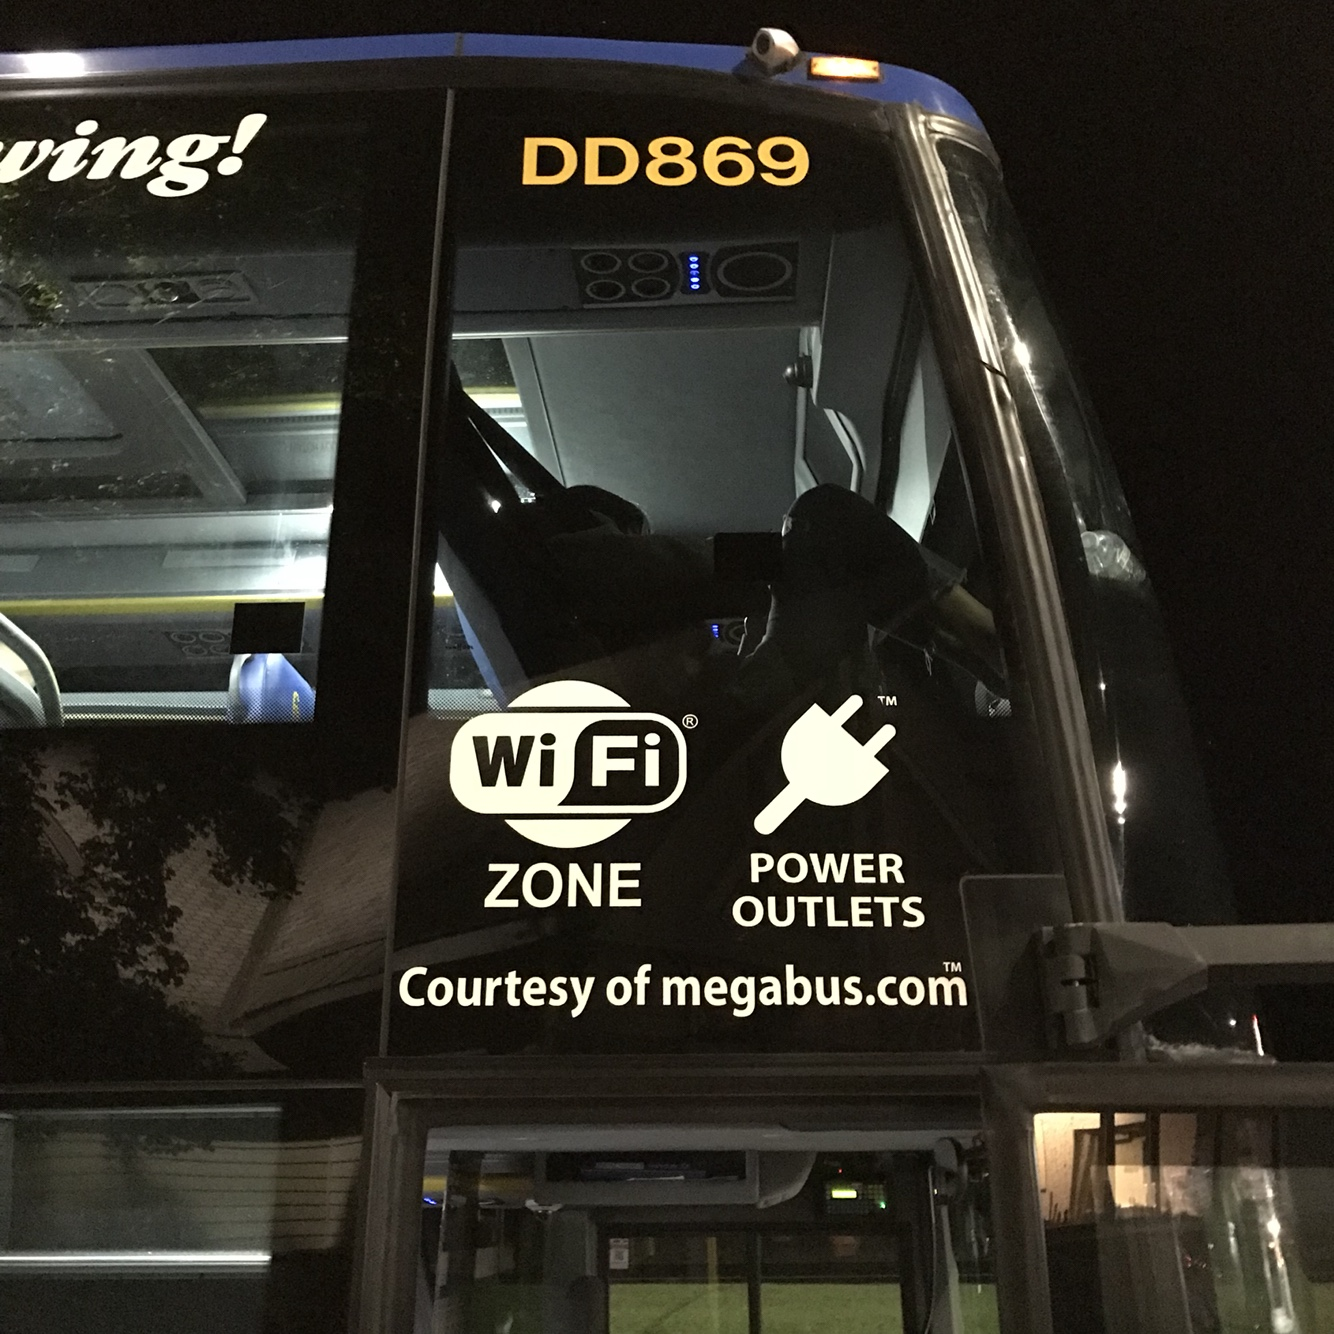 토론토 뉴욕여행 1탄 메가버스 이용